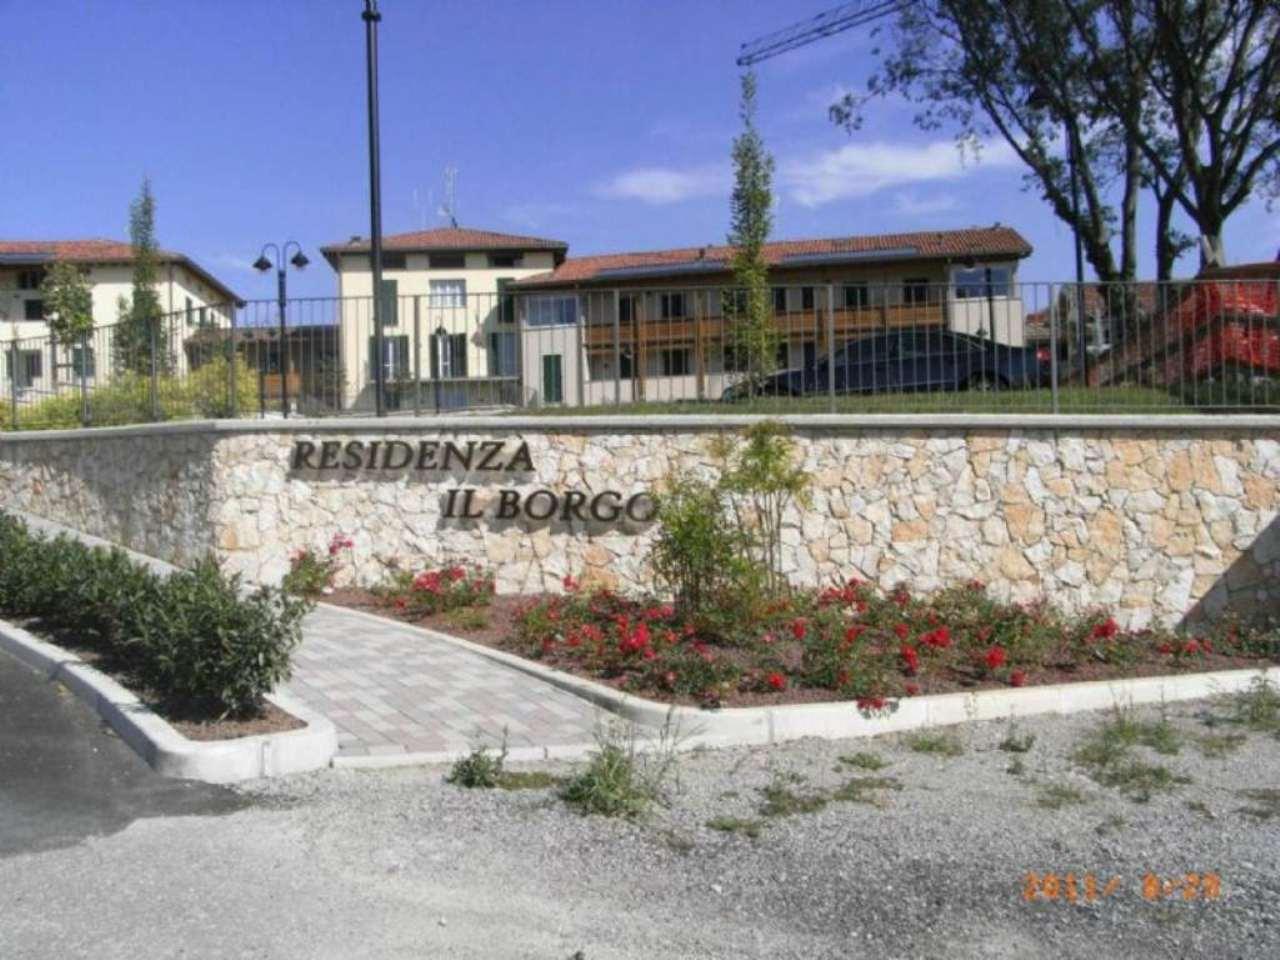 Appartamento in vendita a Garbagnate Monastero, 4 locali, Trattative riservate   Cambio Casa.it